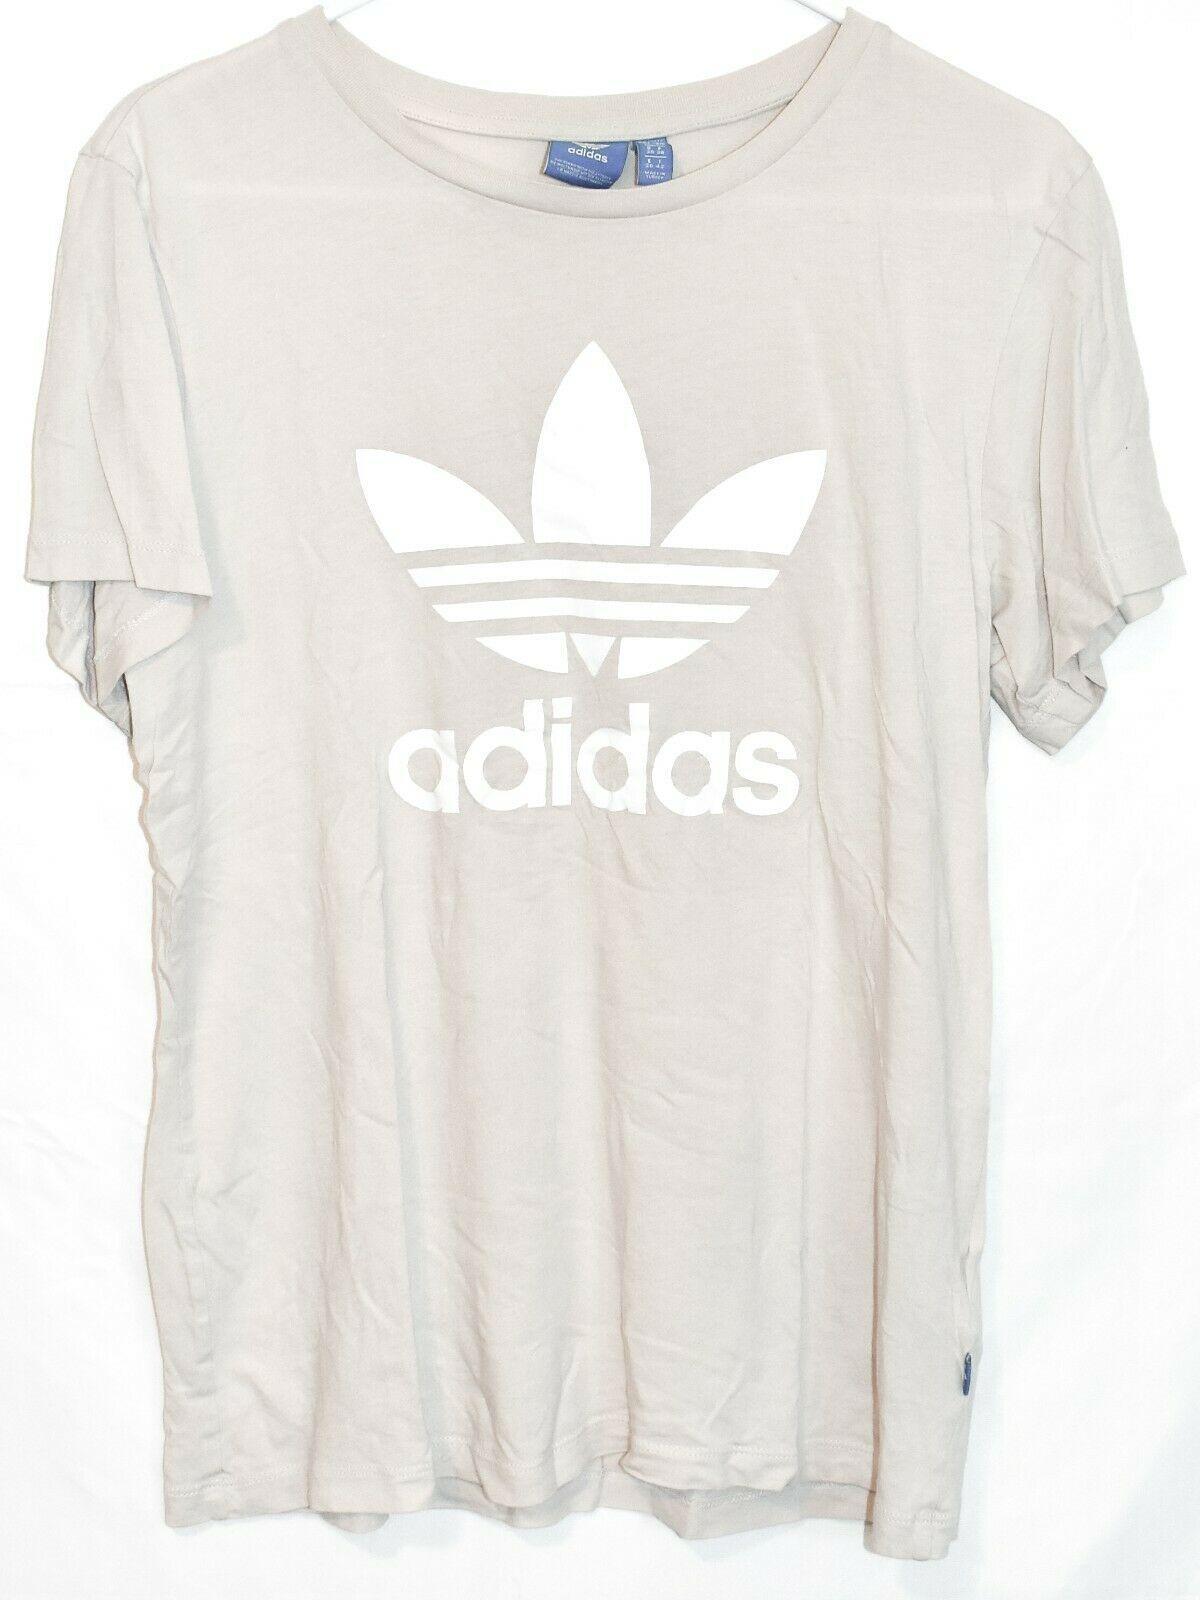 adidas Originals Women's Boyfriend Cream Off-White Trefoil T-Shirt Size S